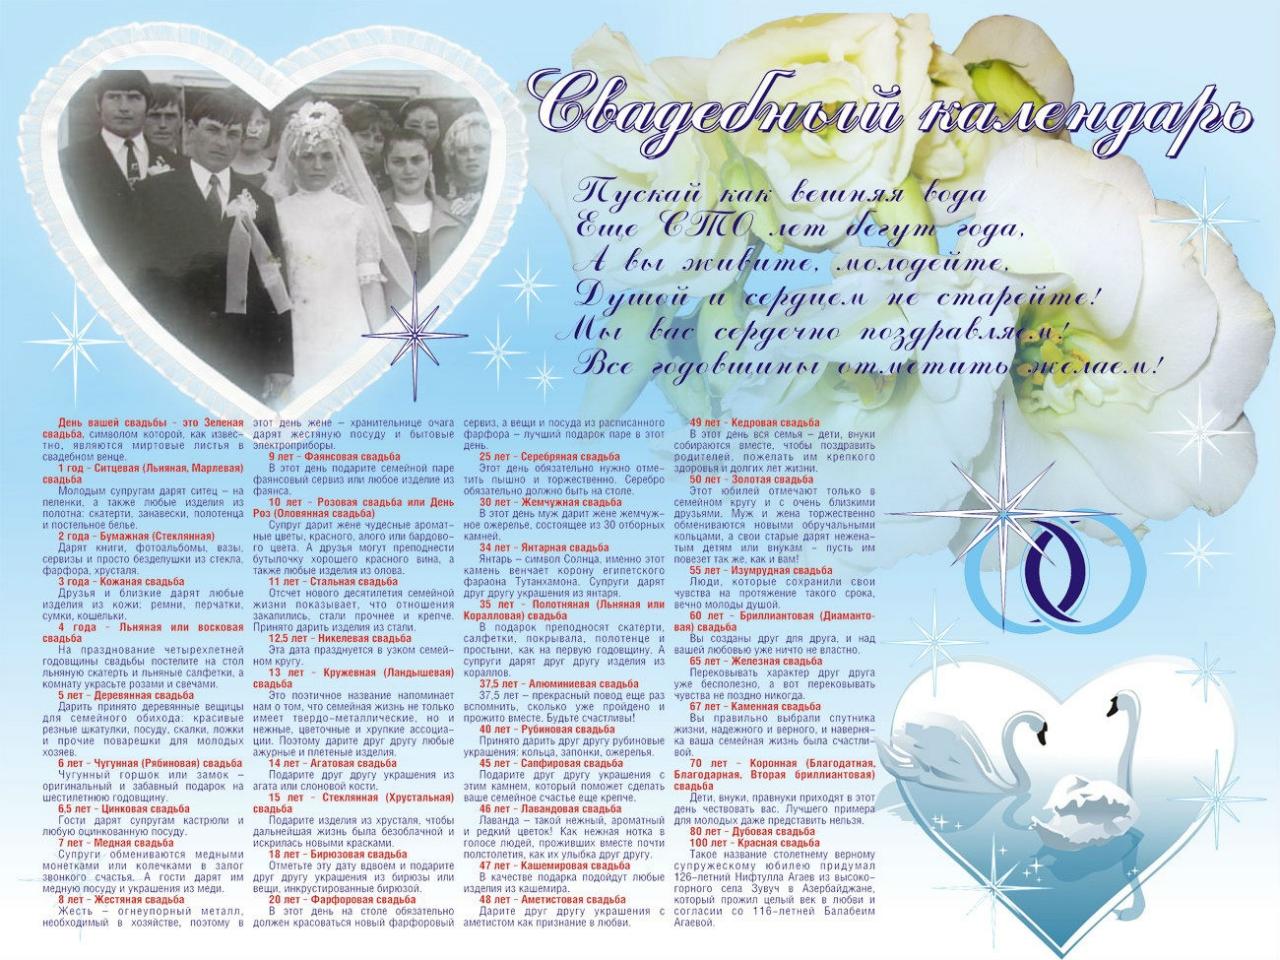 дни свадьбы по годам поздравления и подарки специфической